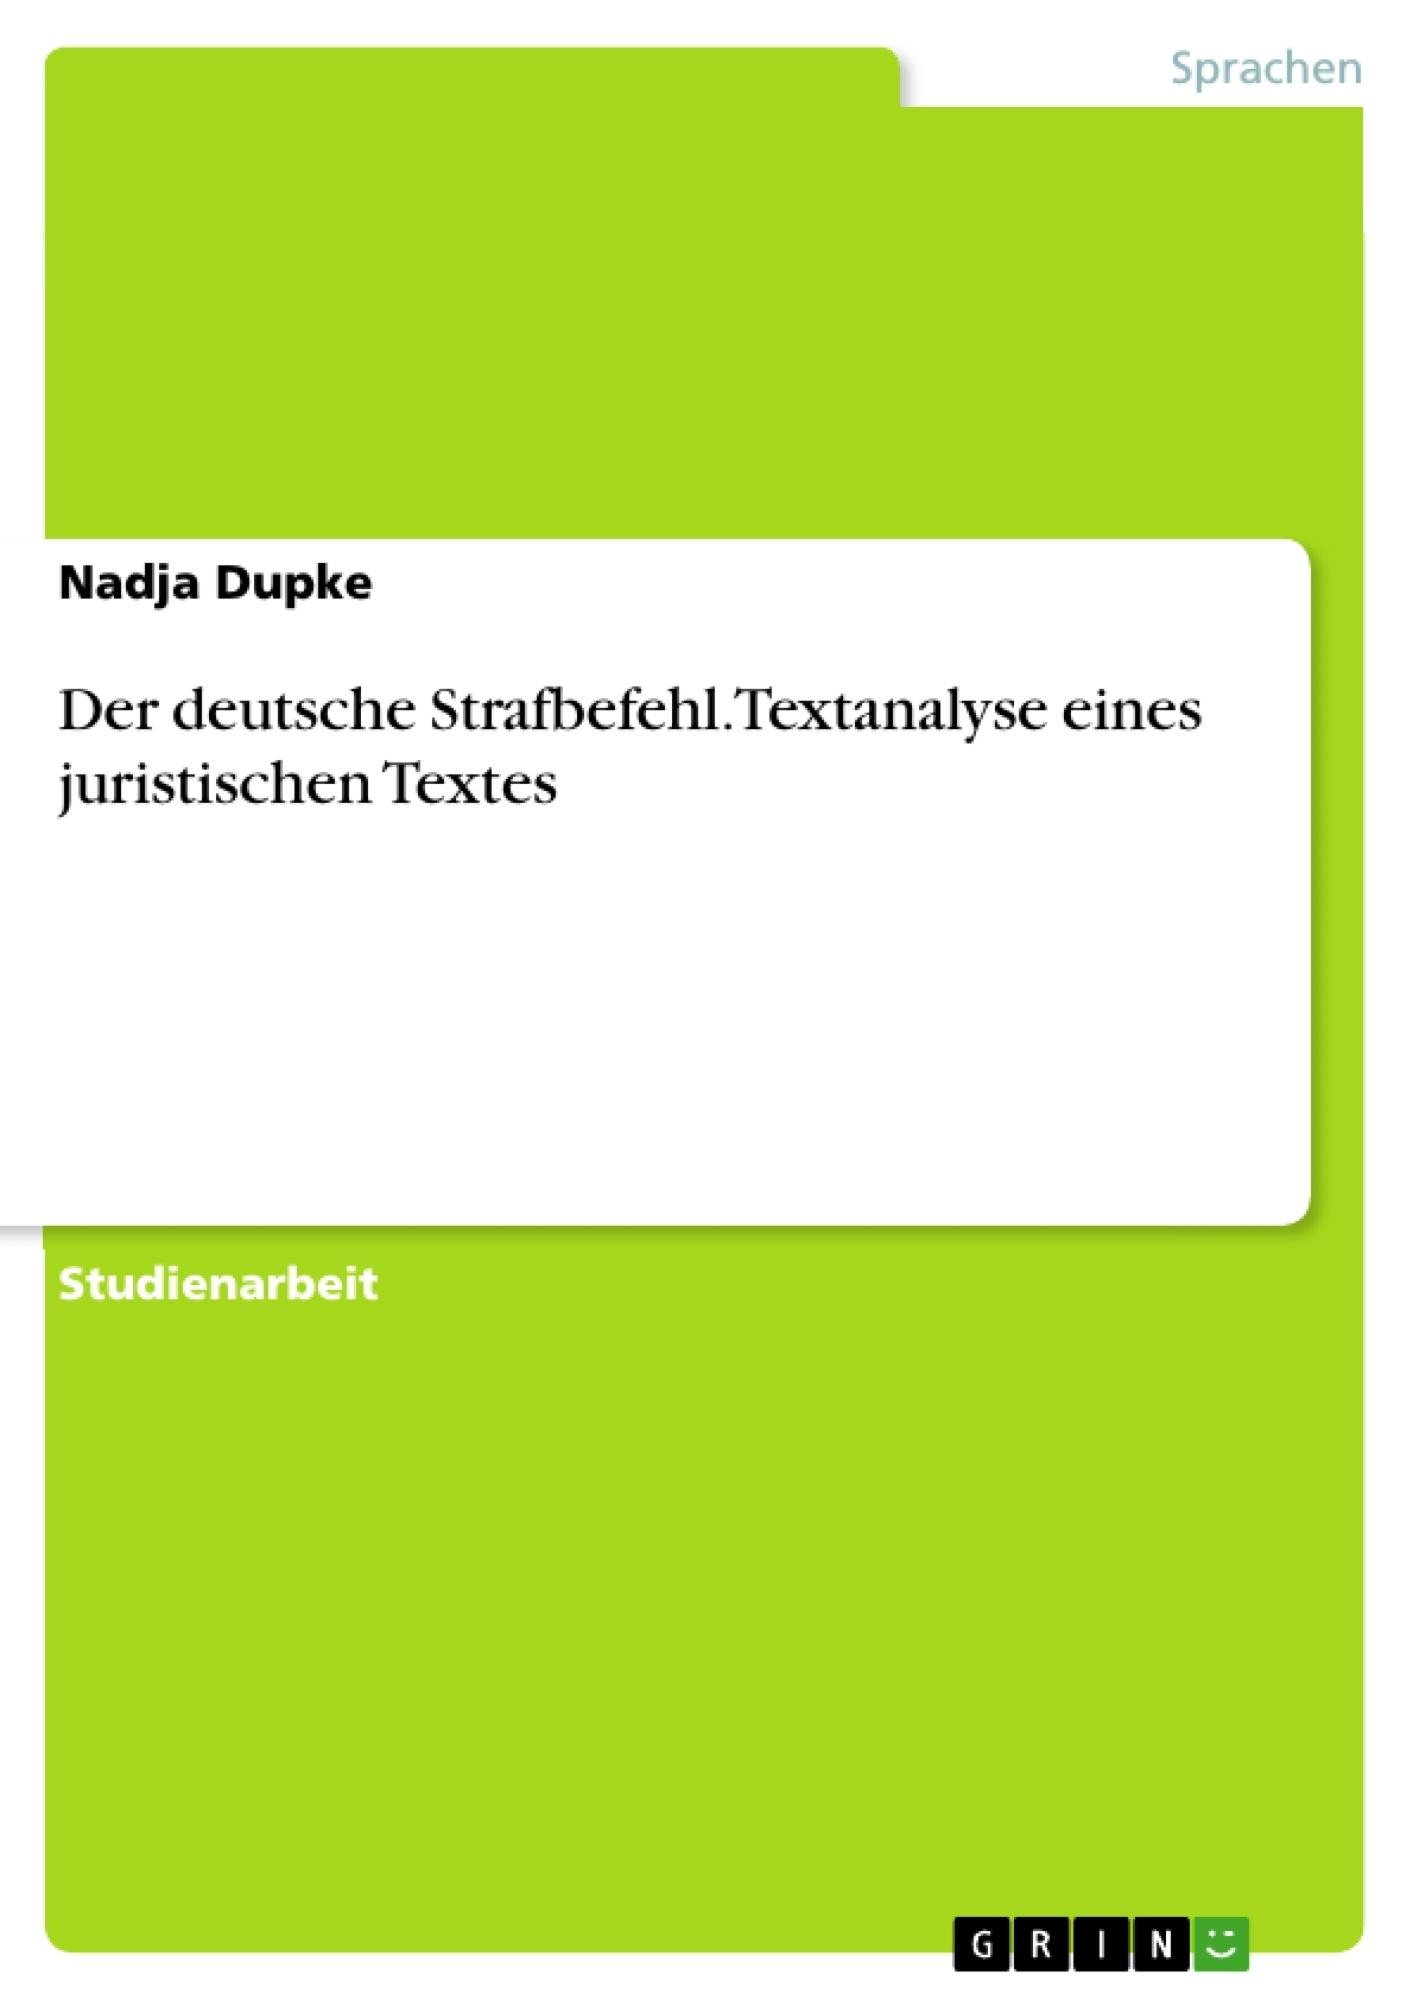 Titel: Der deutsche Strafbefehl. Textanalyse eines juristischen Textes